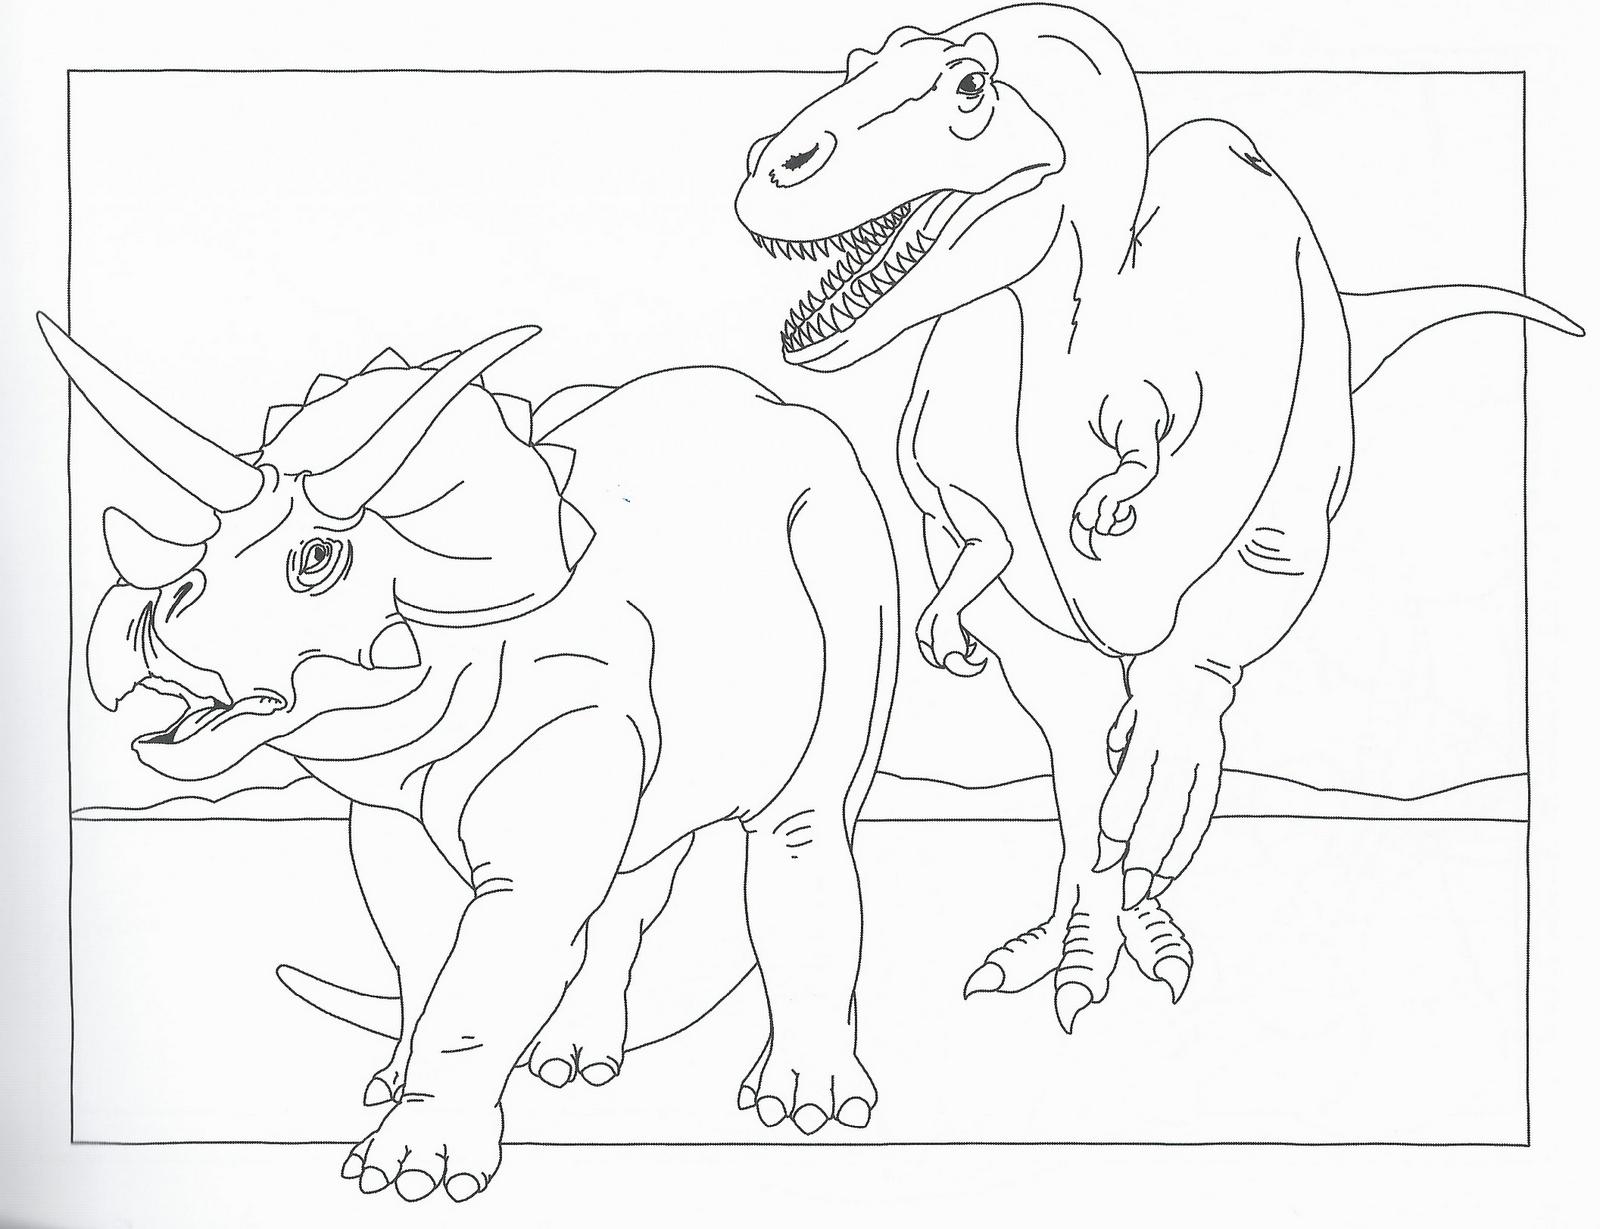 Disegni da colorare disegni da colorare i dinosauri for Disegni pesciolini da colorare